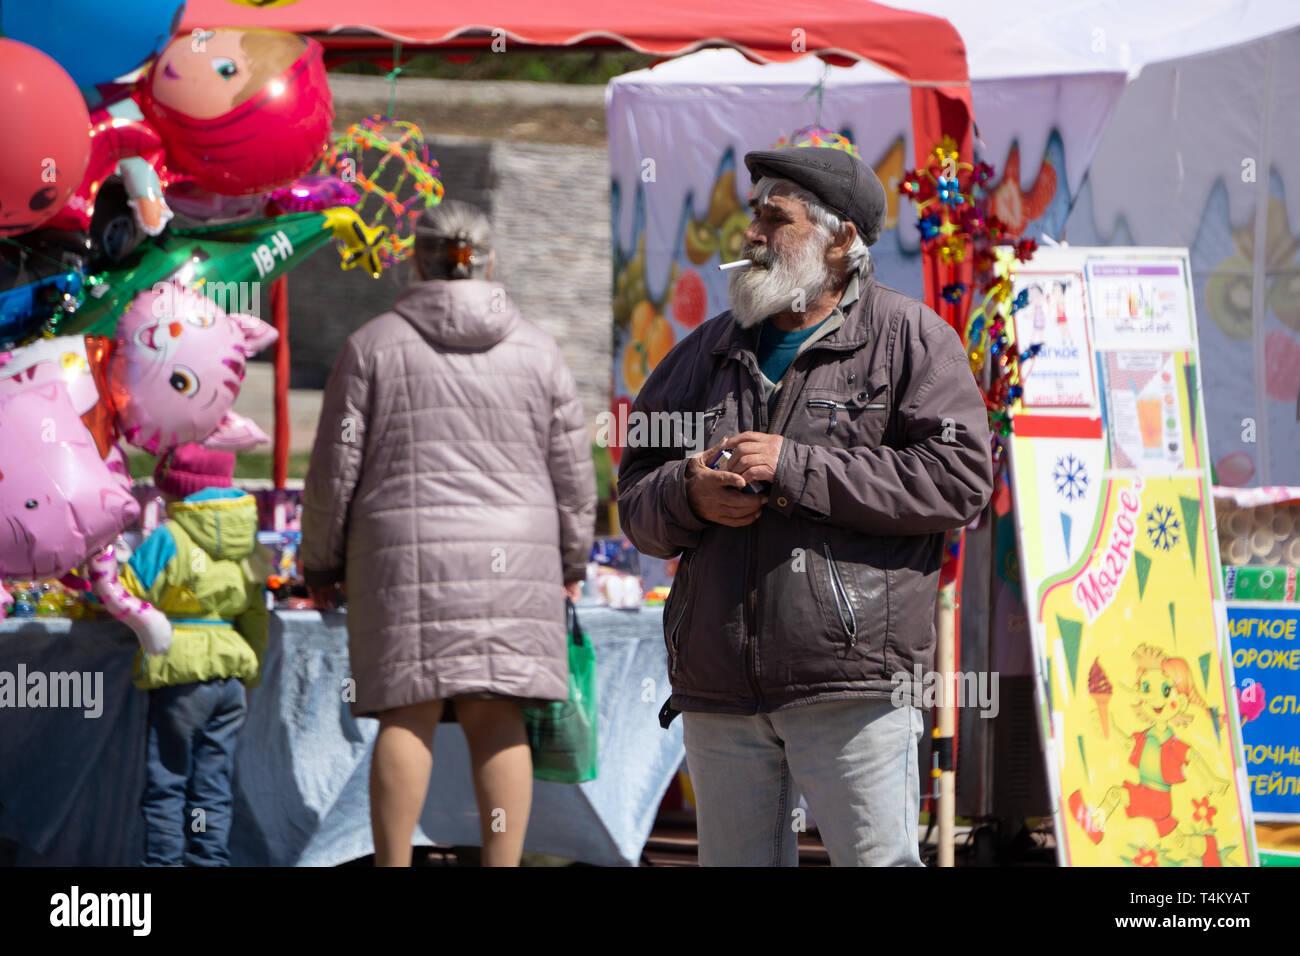 Imágenes Tio Stockamp; De Caga Alamy Fotos tshdxrCQ